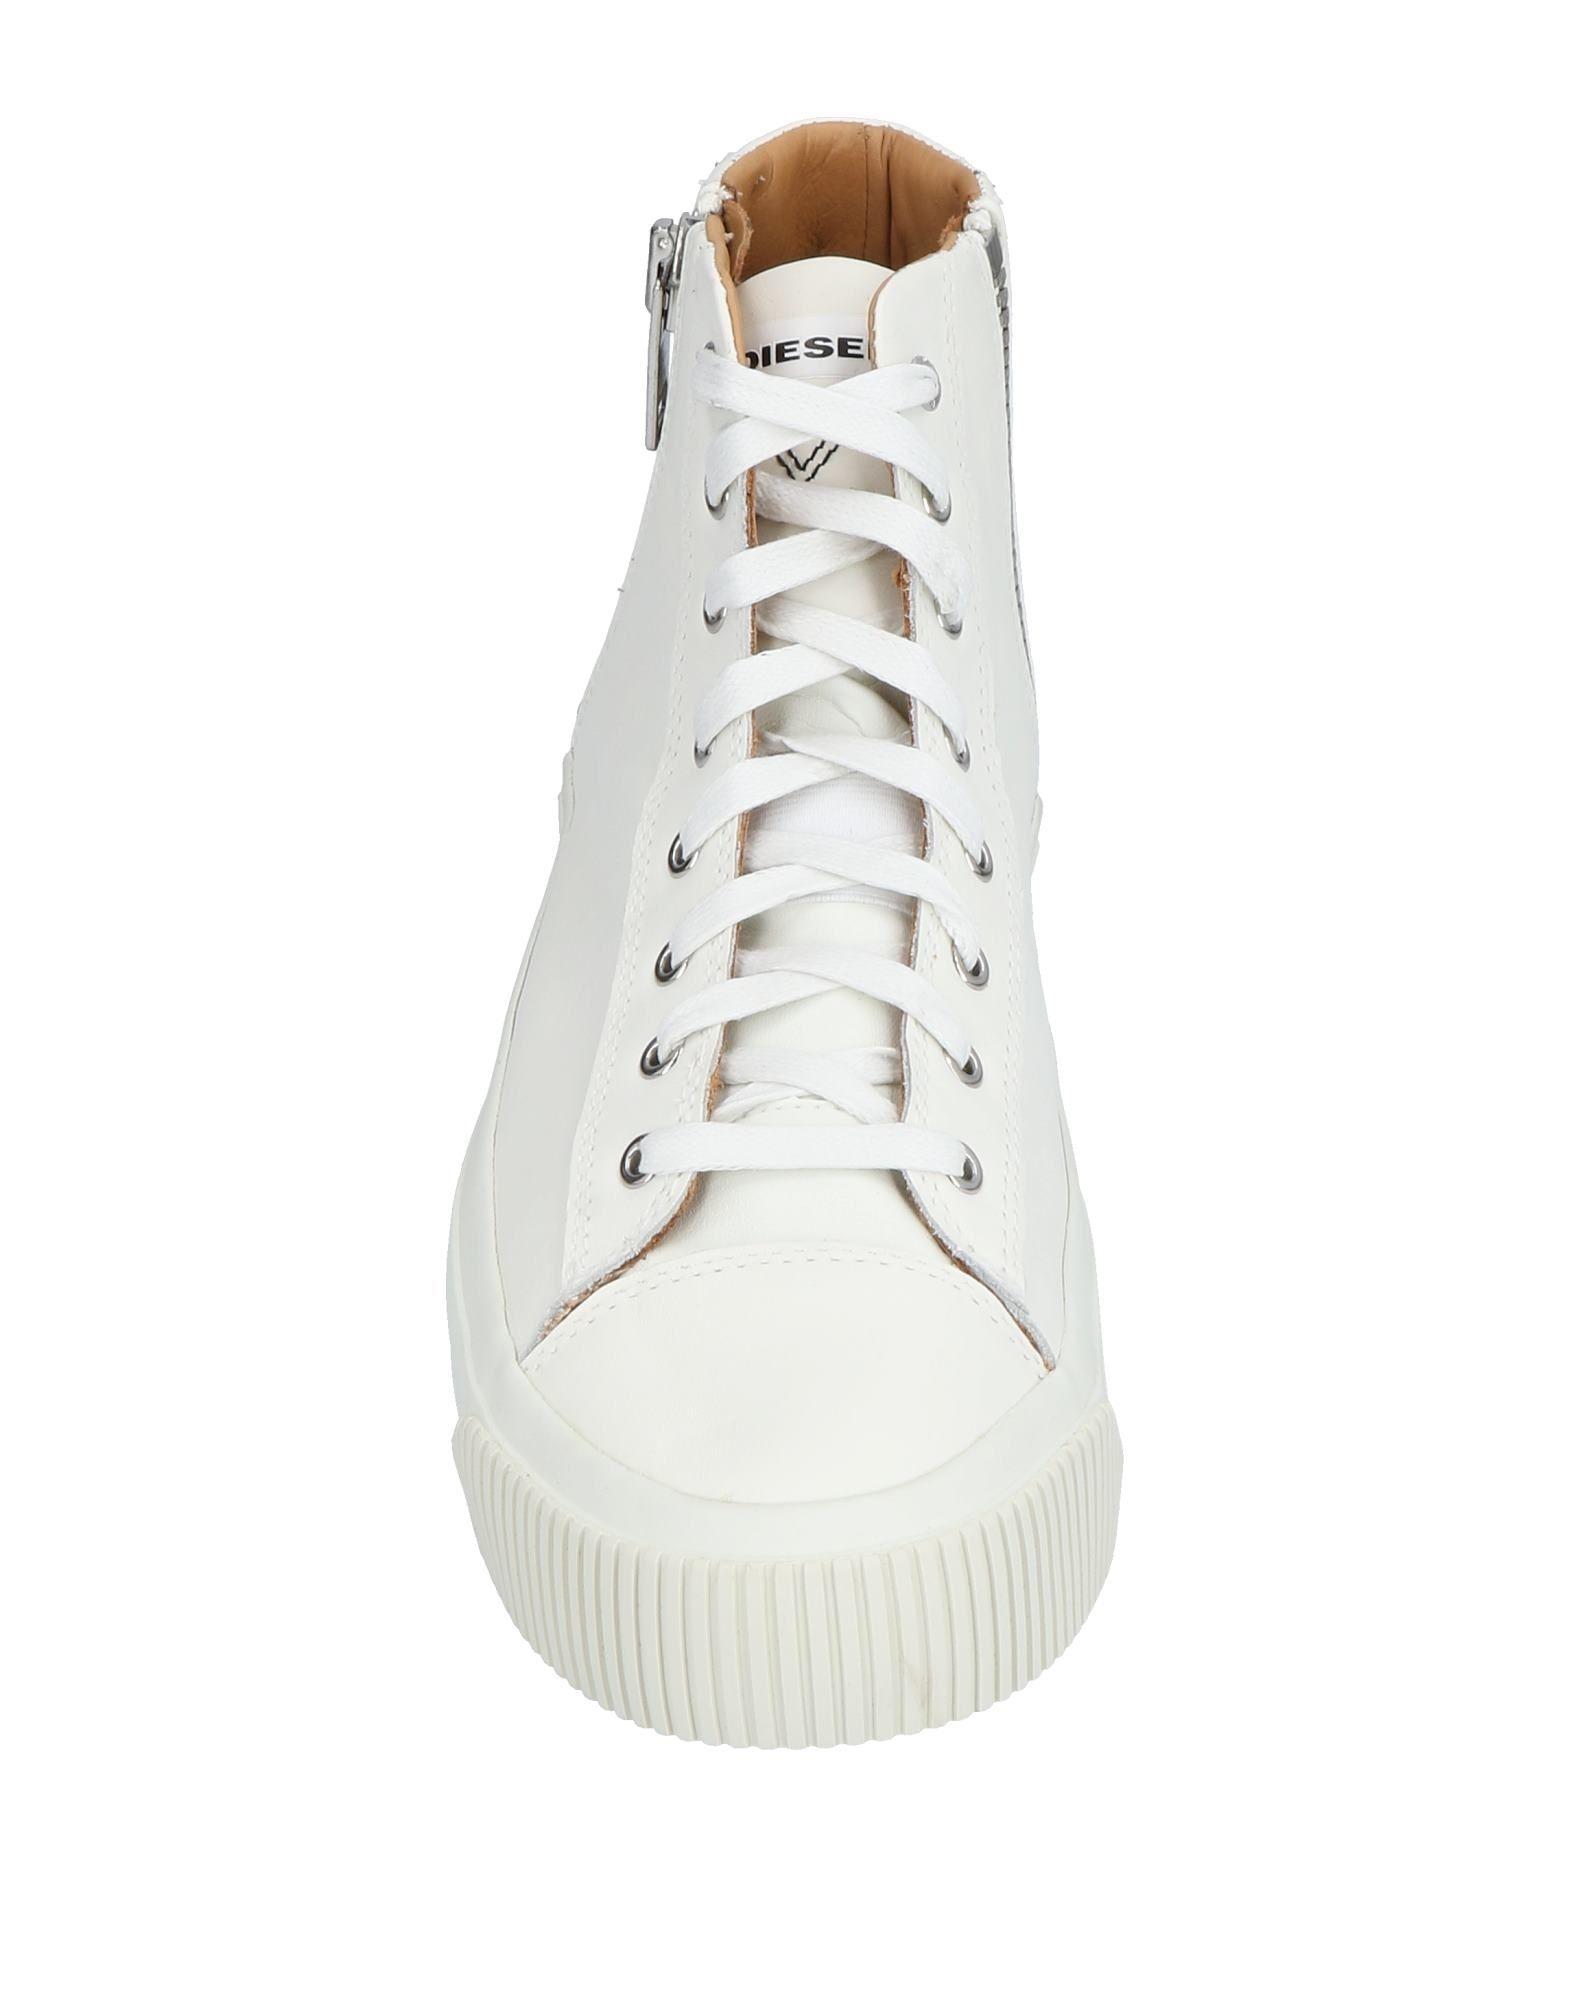 Diesel Sneakers 11491010PN Herren  11491010PN Sneakers Heiße Schuhe 146ee3